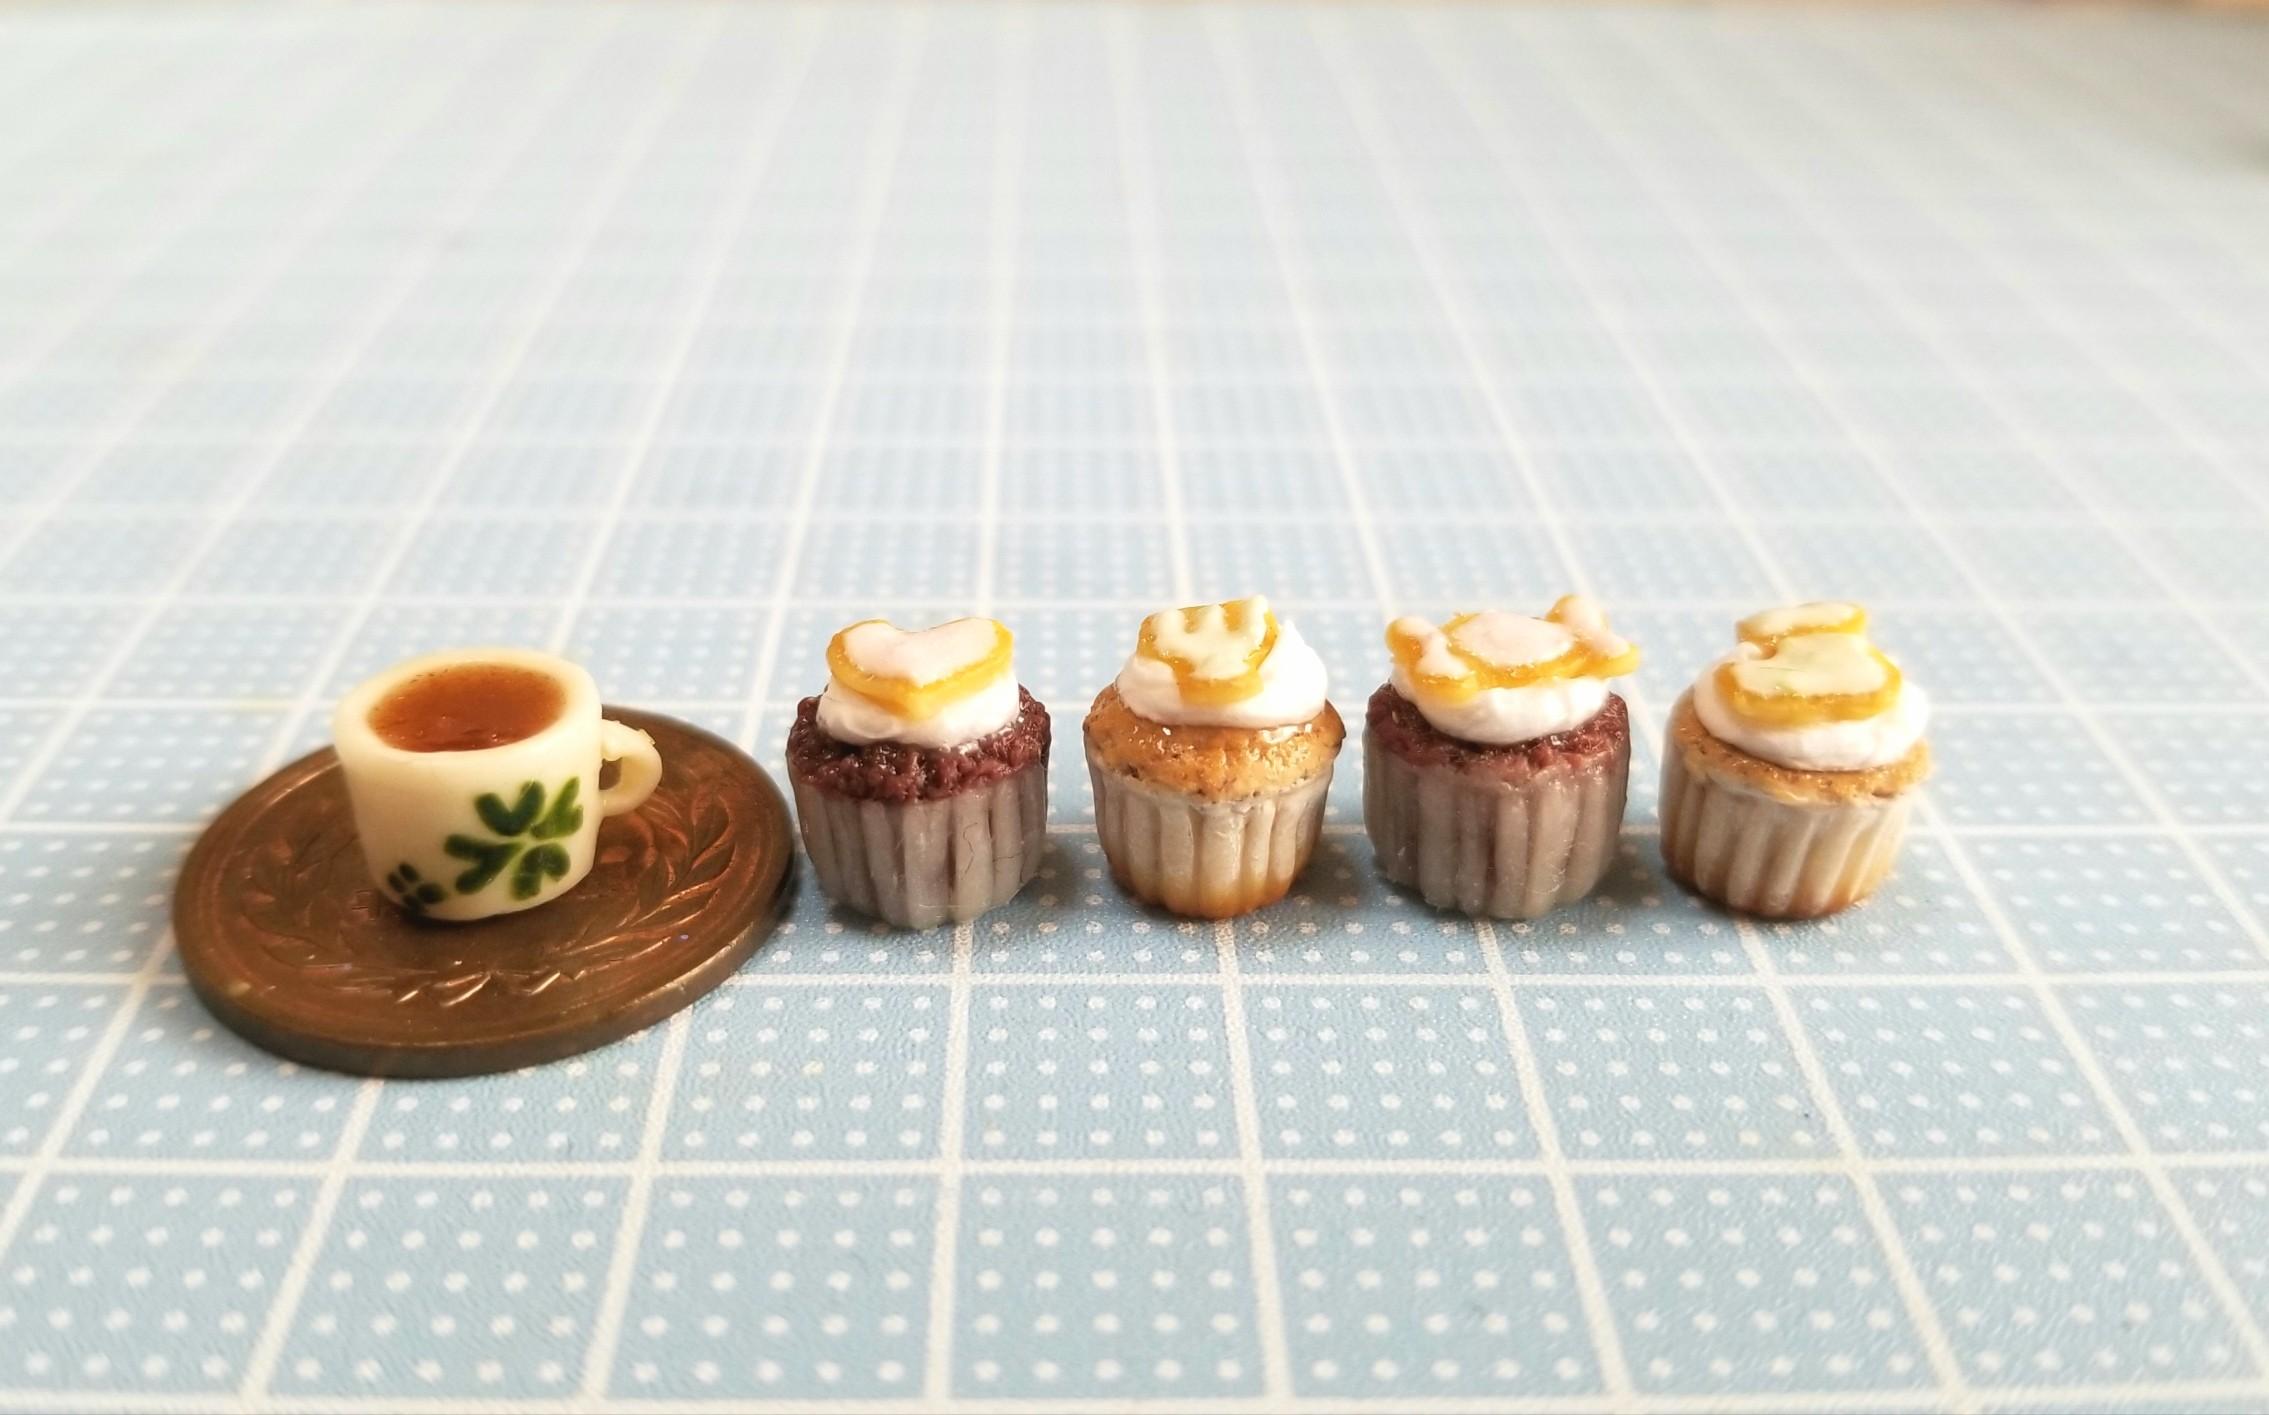 ミニチュアフード,チョコレート,カップケーキ,ココア,クッキー,樹脂